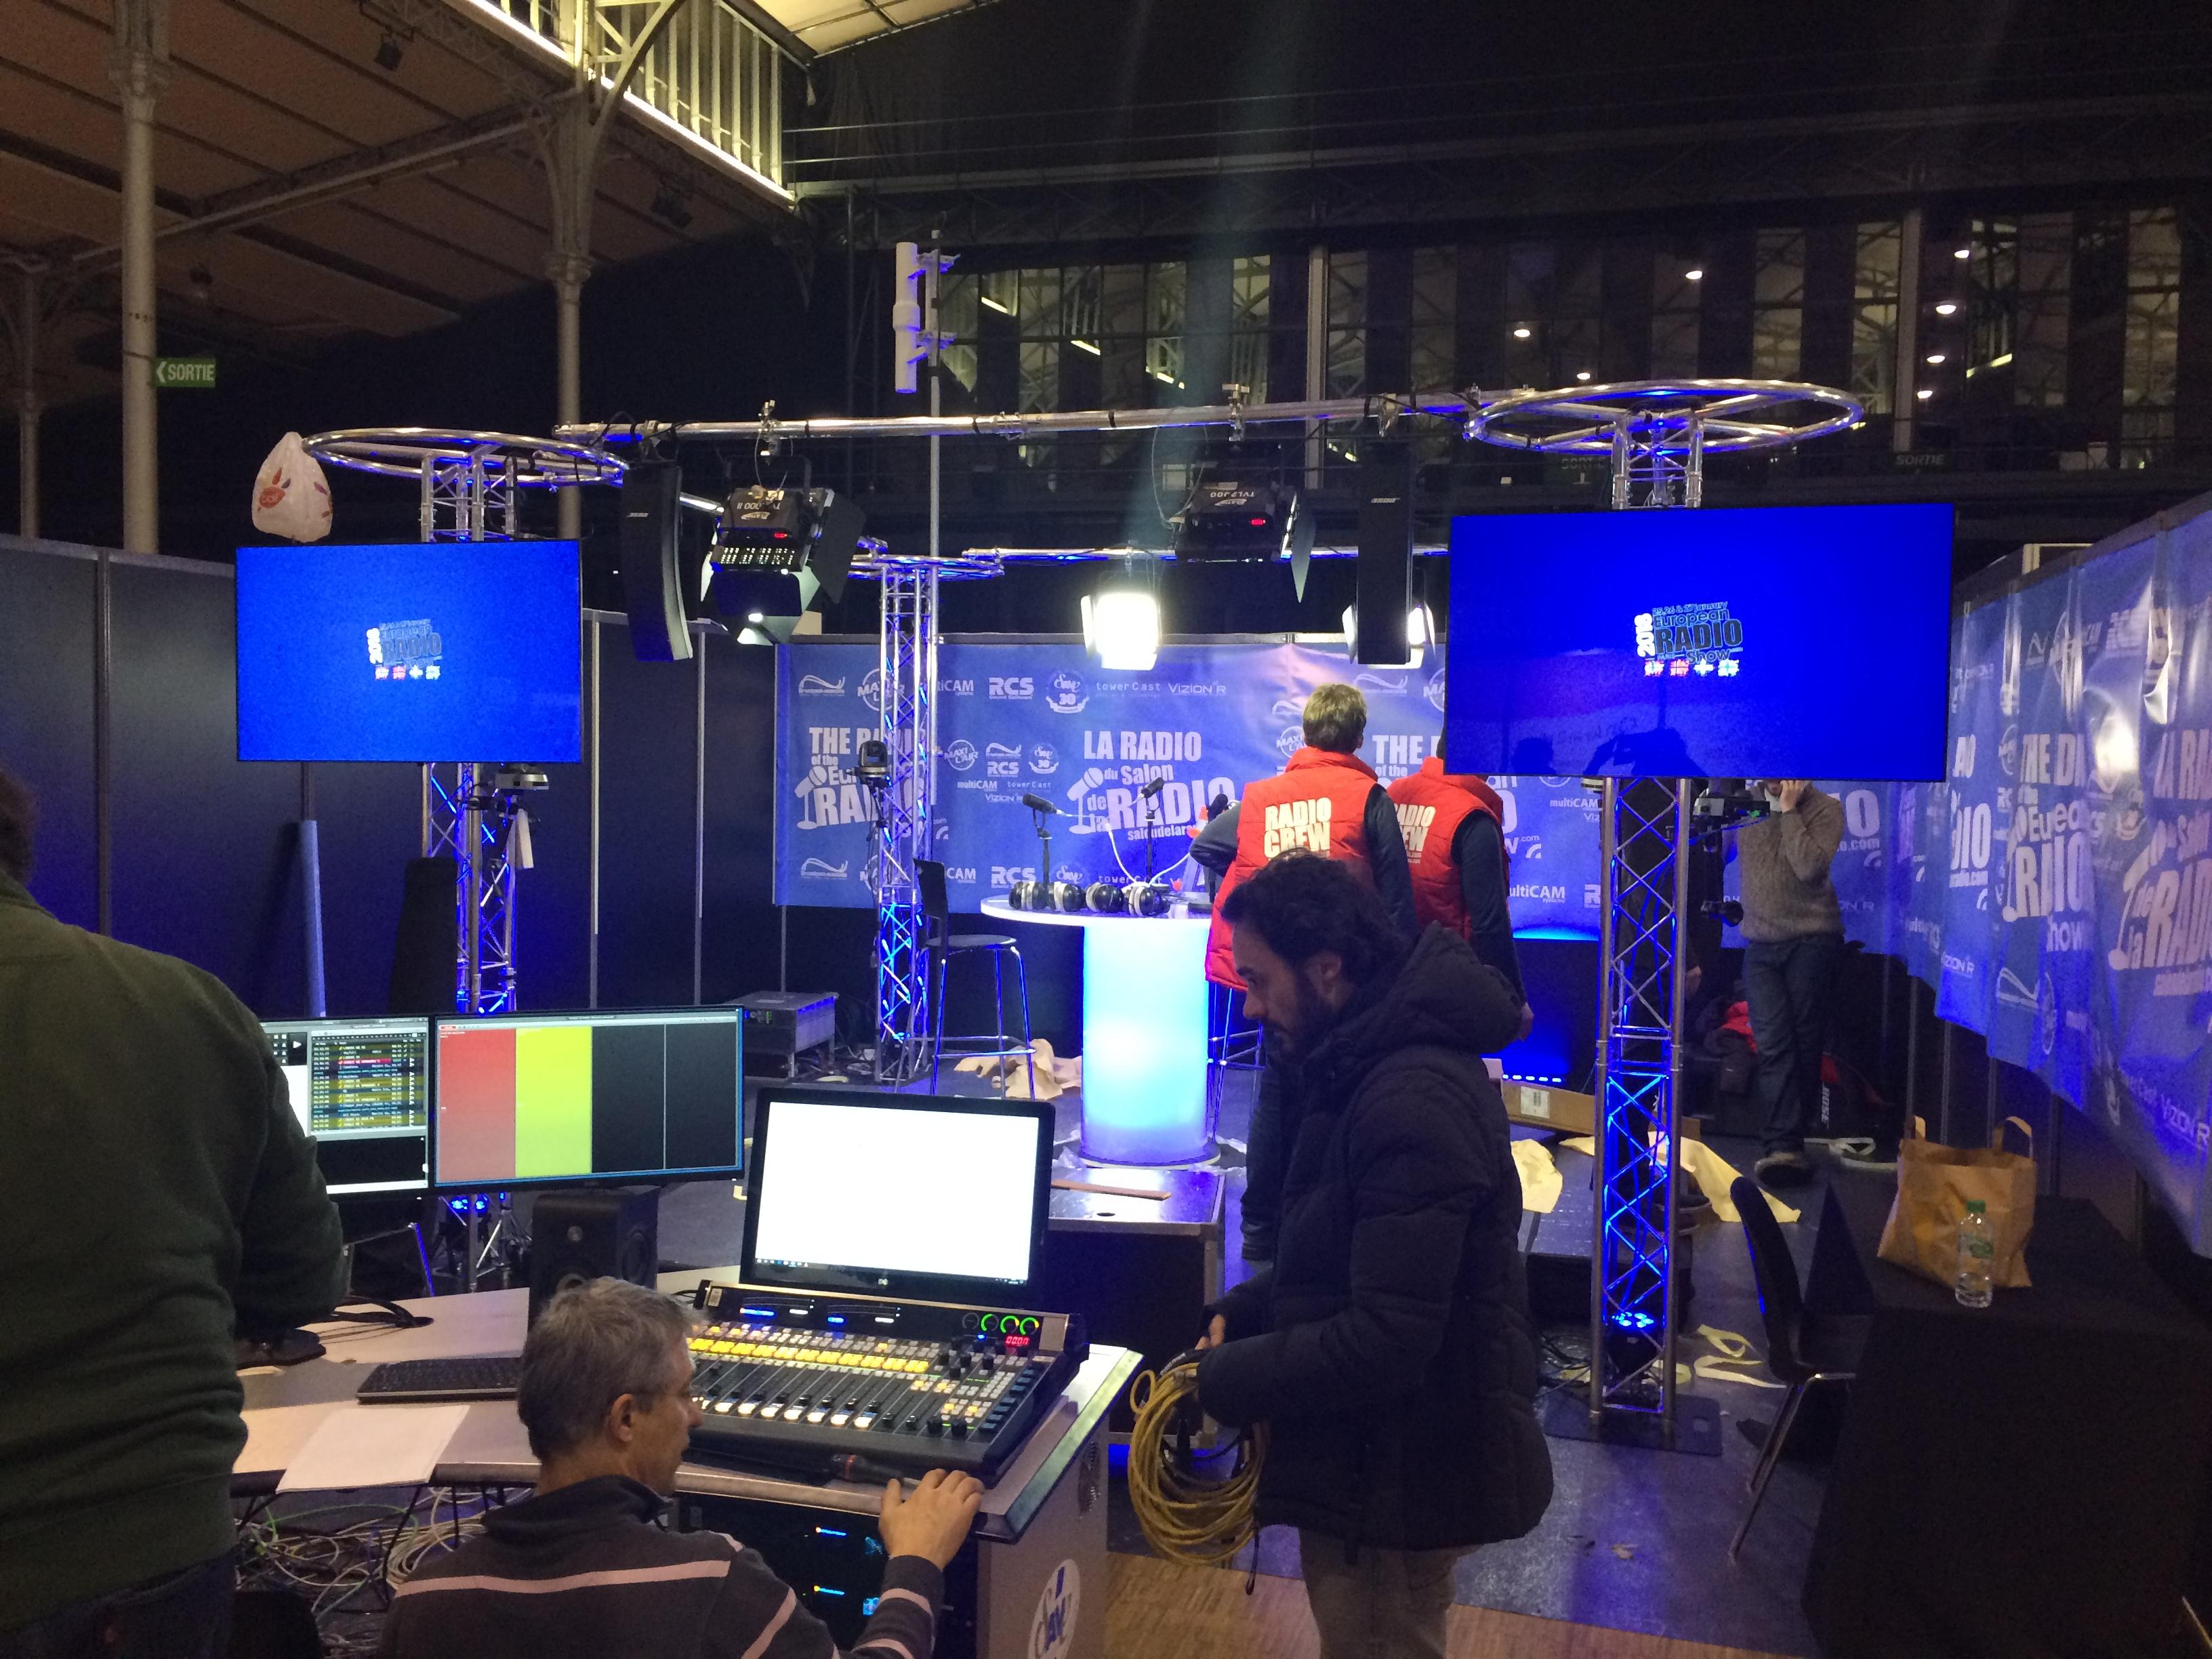 Hier mercredi, les équipes ont travaillé d'arrache-pied pour monter le studio. Le programme est diffusé en DAB+ dans toute l'Île-de-France